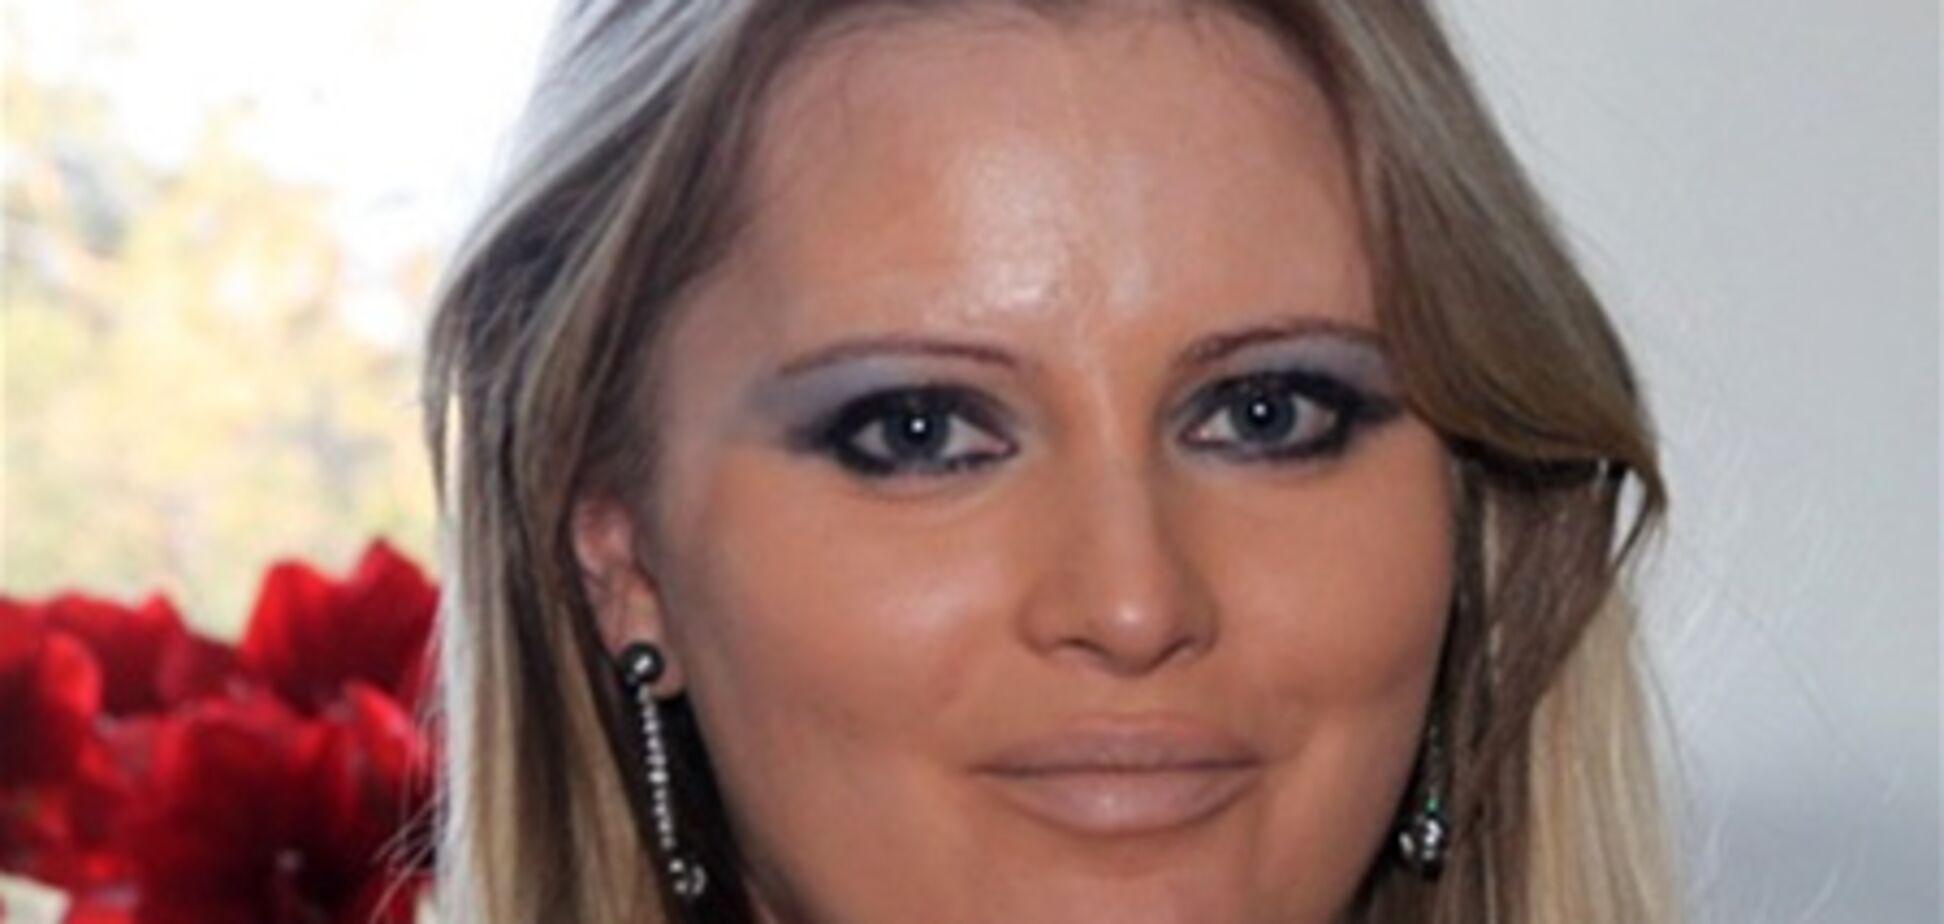 Борисовой предложили ночь любви за 15 тысяч евро